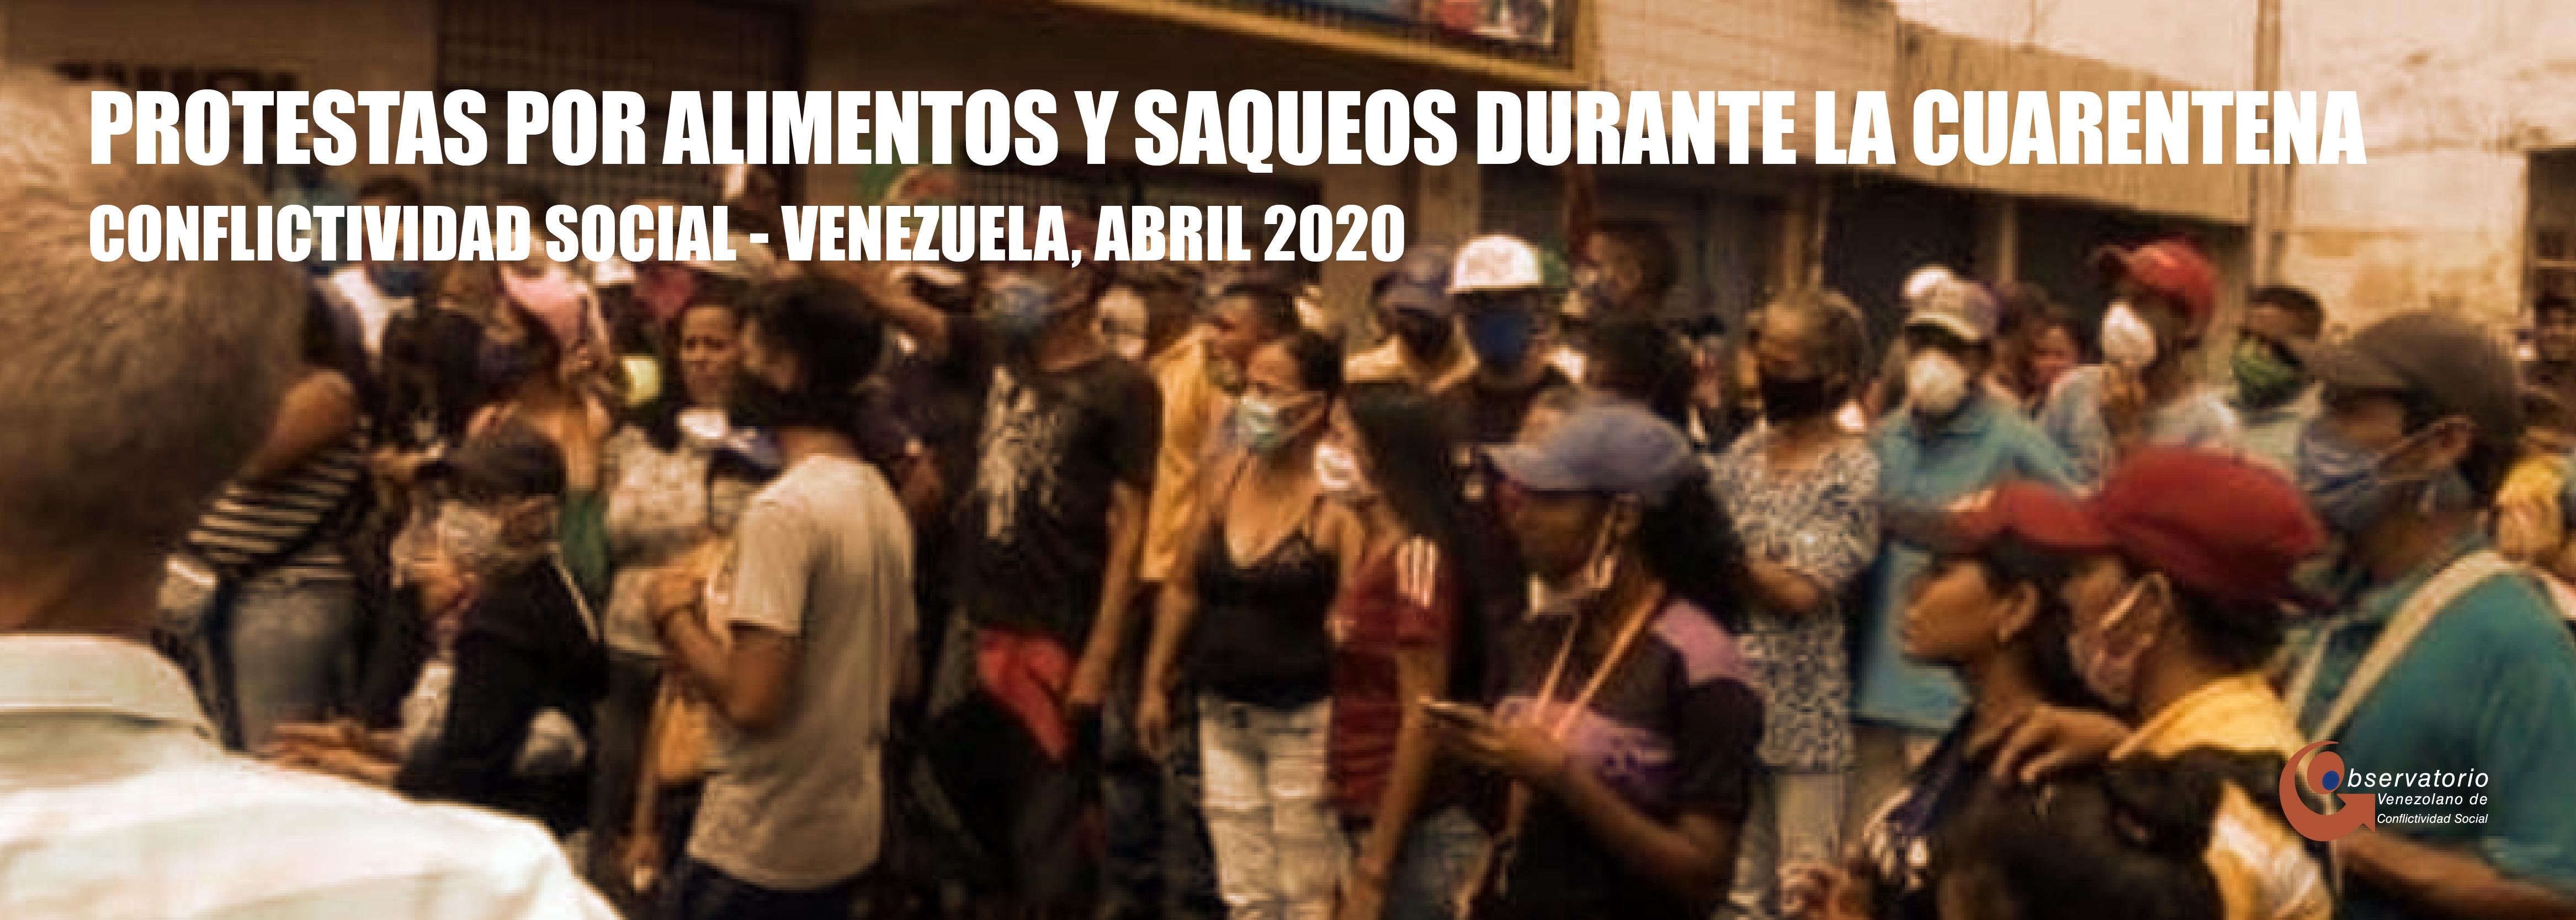 Conflictivididad Social en Venezuela en abril de 2020